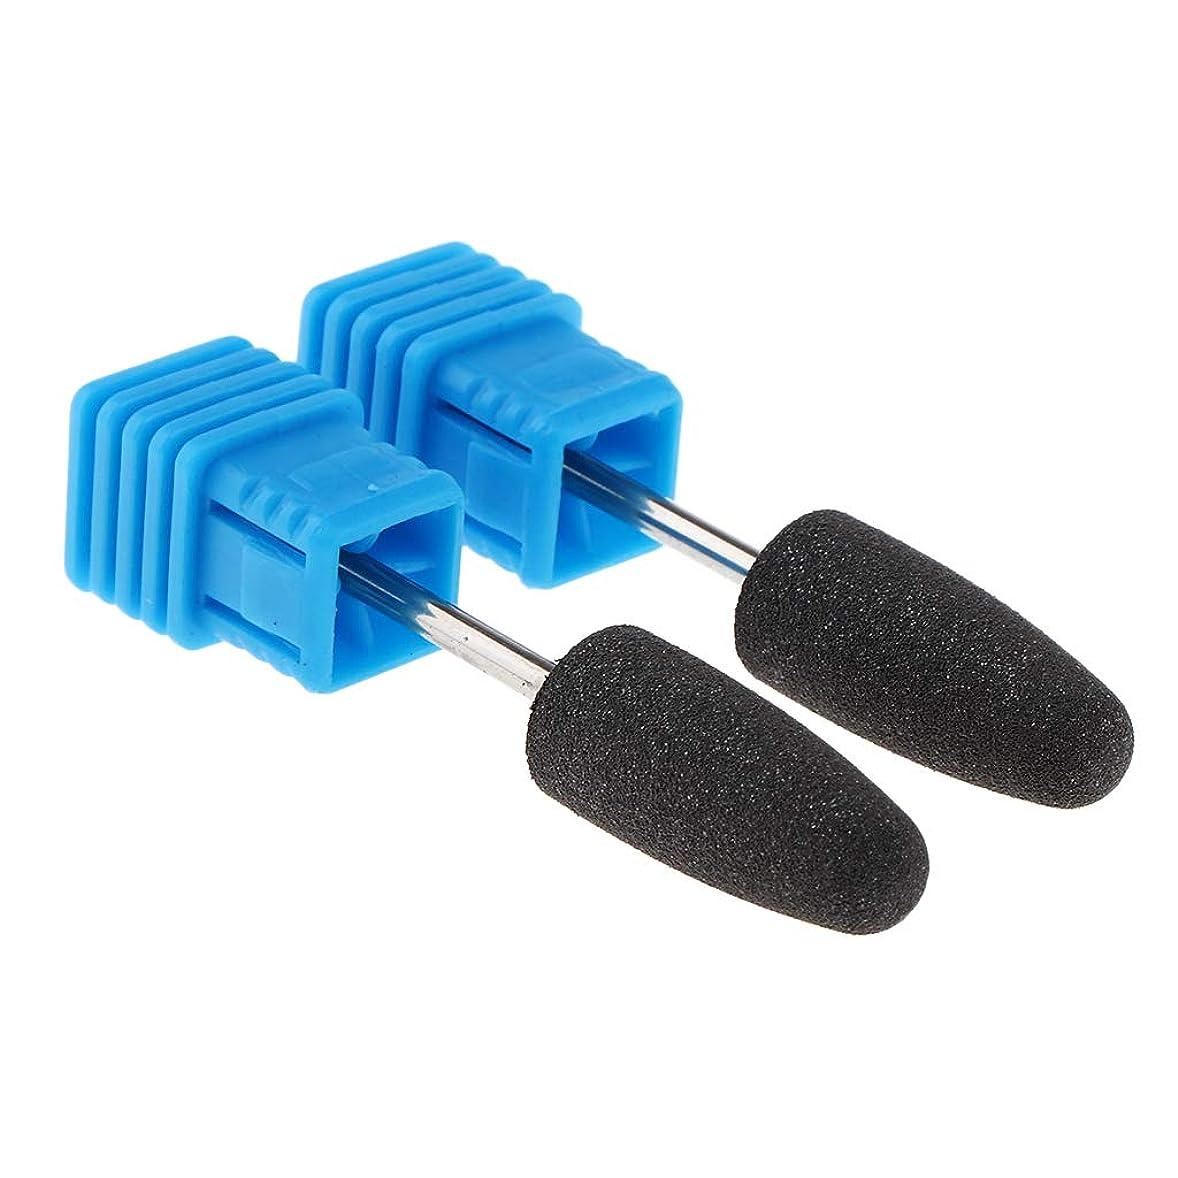 シェルターセンサーホース全6サイズ マニキュア ネイルアート 電気ネイルドリルビット 全2点 - X032